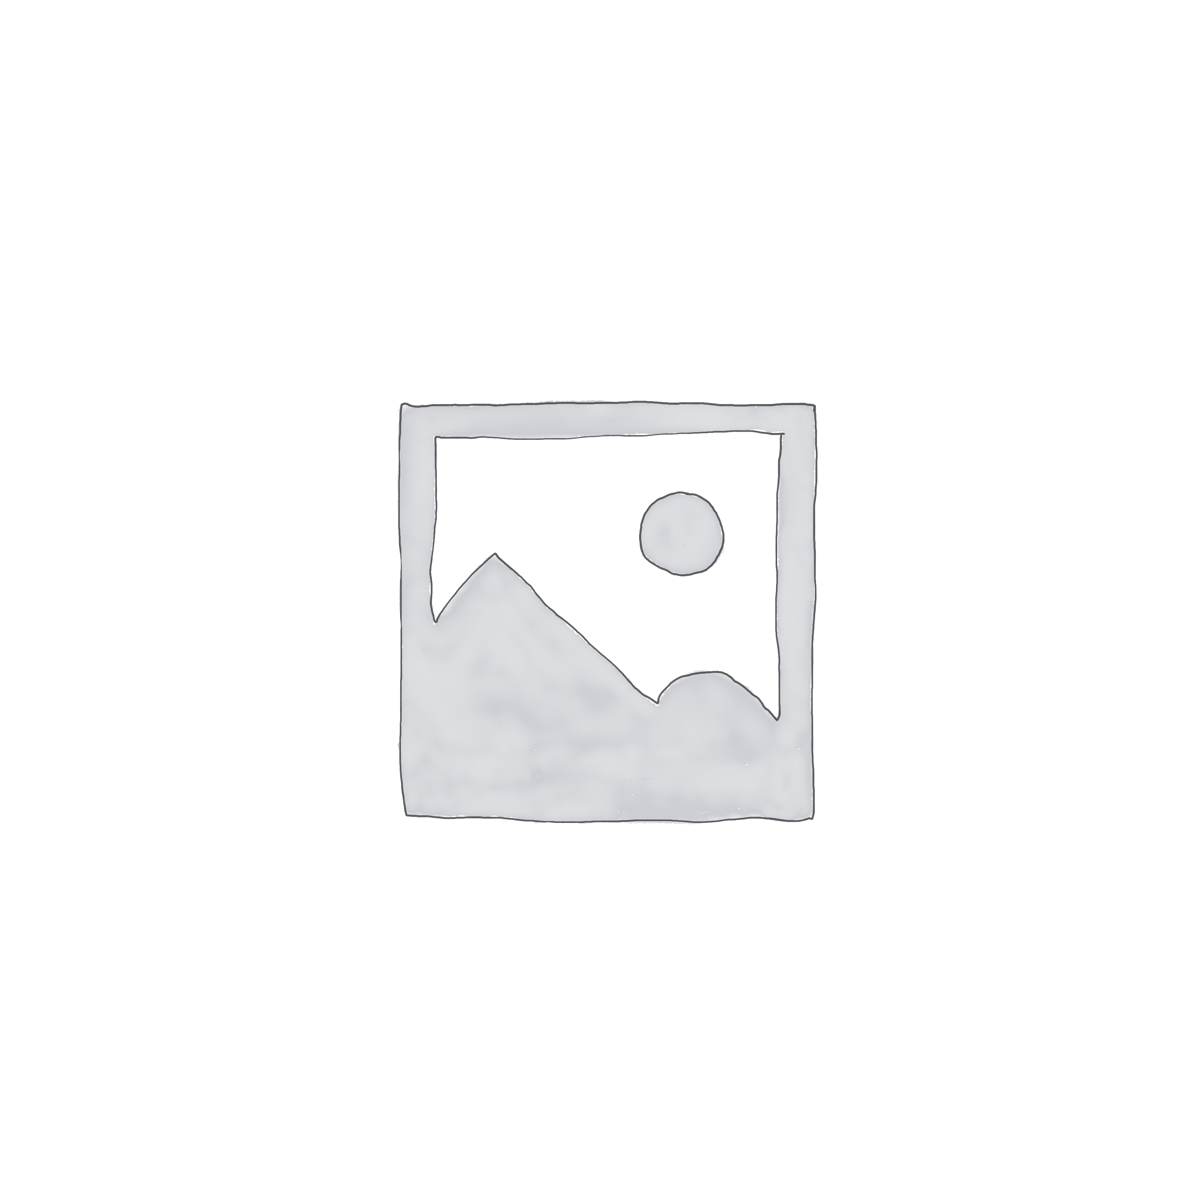 Geleiderpen – NEW120/7.0 – Neway | Pilot – Verstelbaar